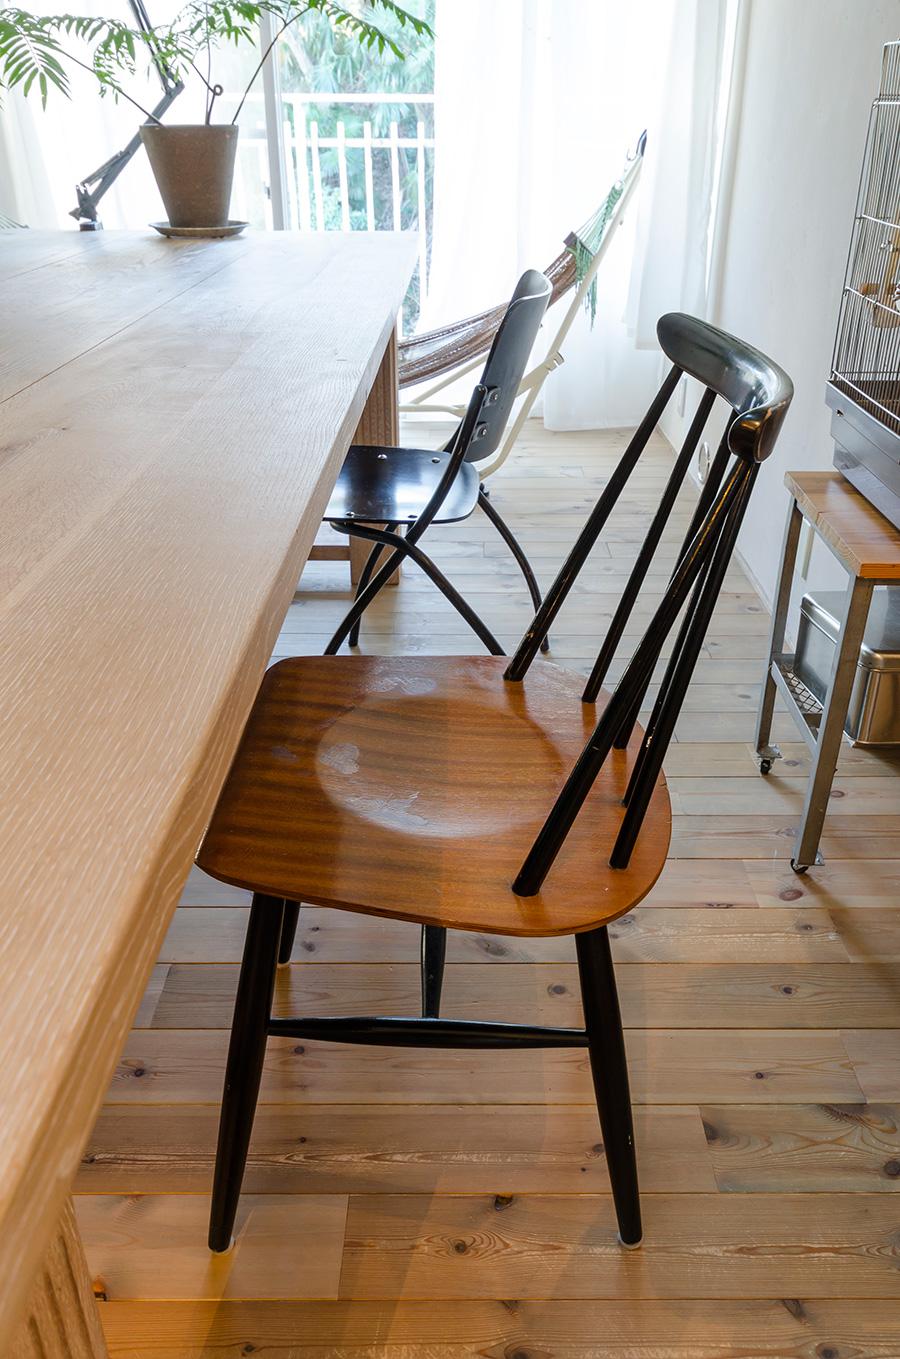 椅子はアアルト、タピオヴァーラなど北欧ものにアメリカのヴィンテージも。